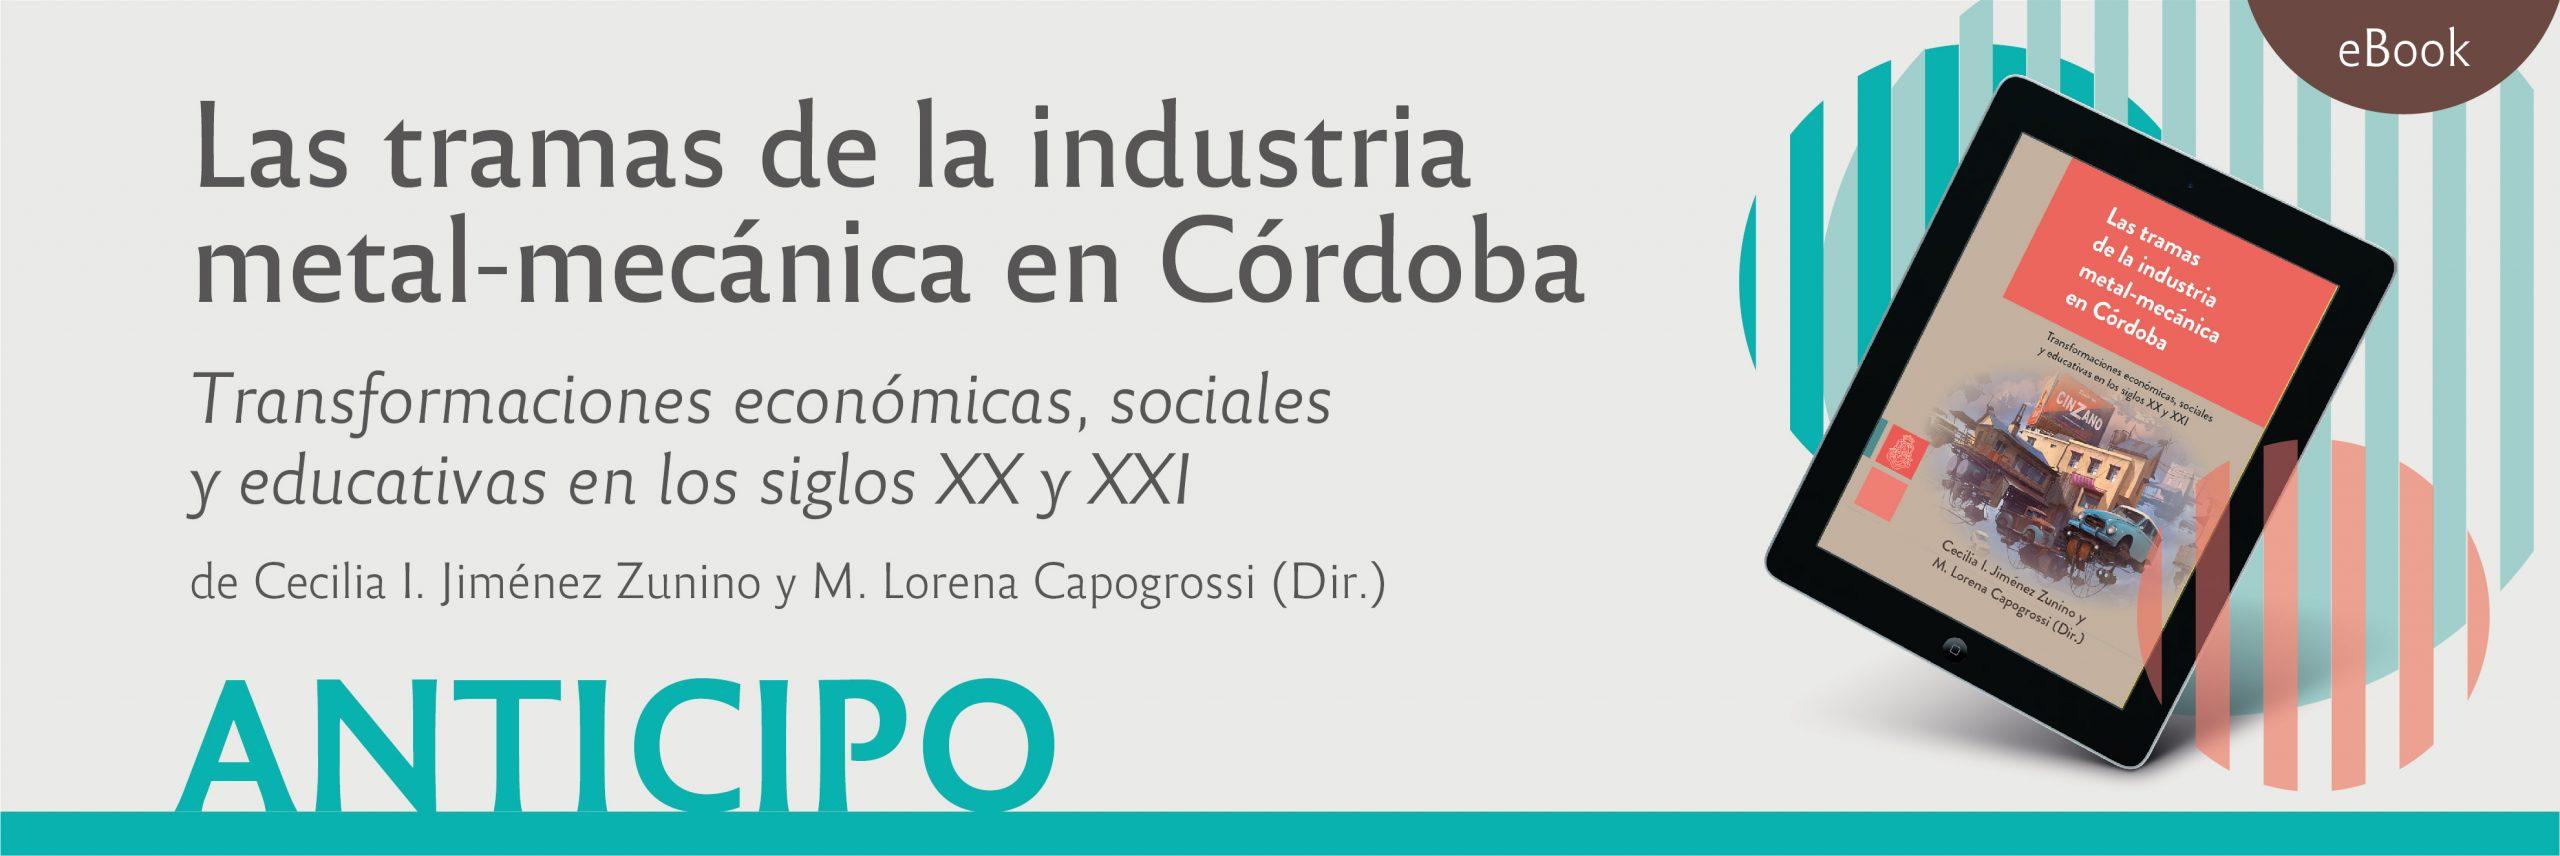 Las tramas de la industria metal-mecánica en Córdoba